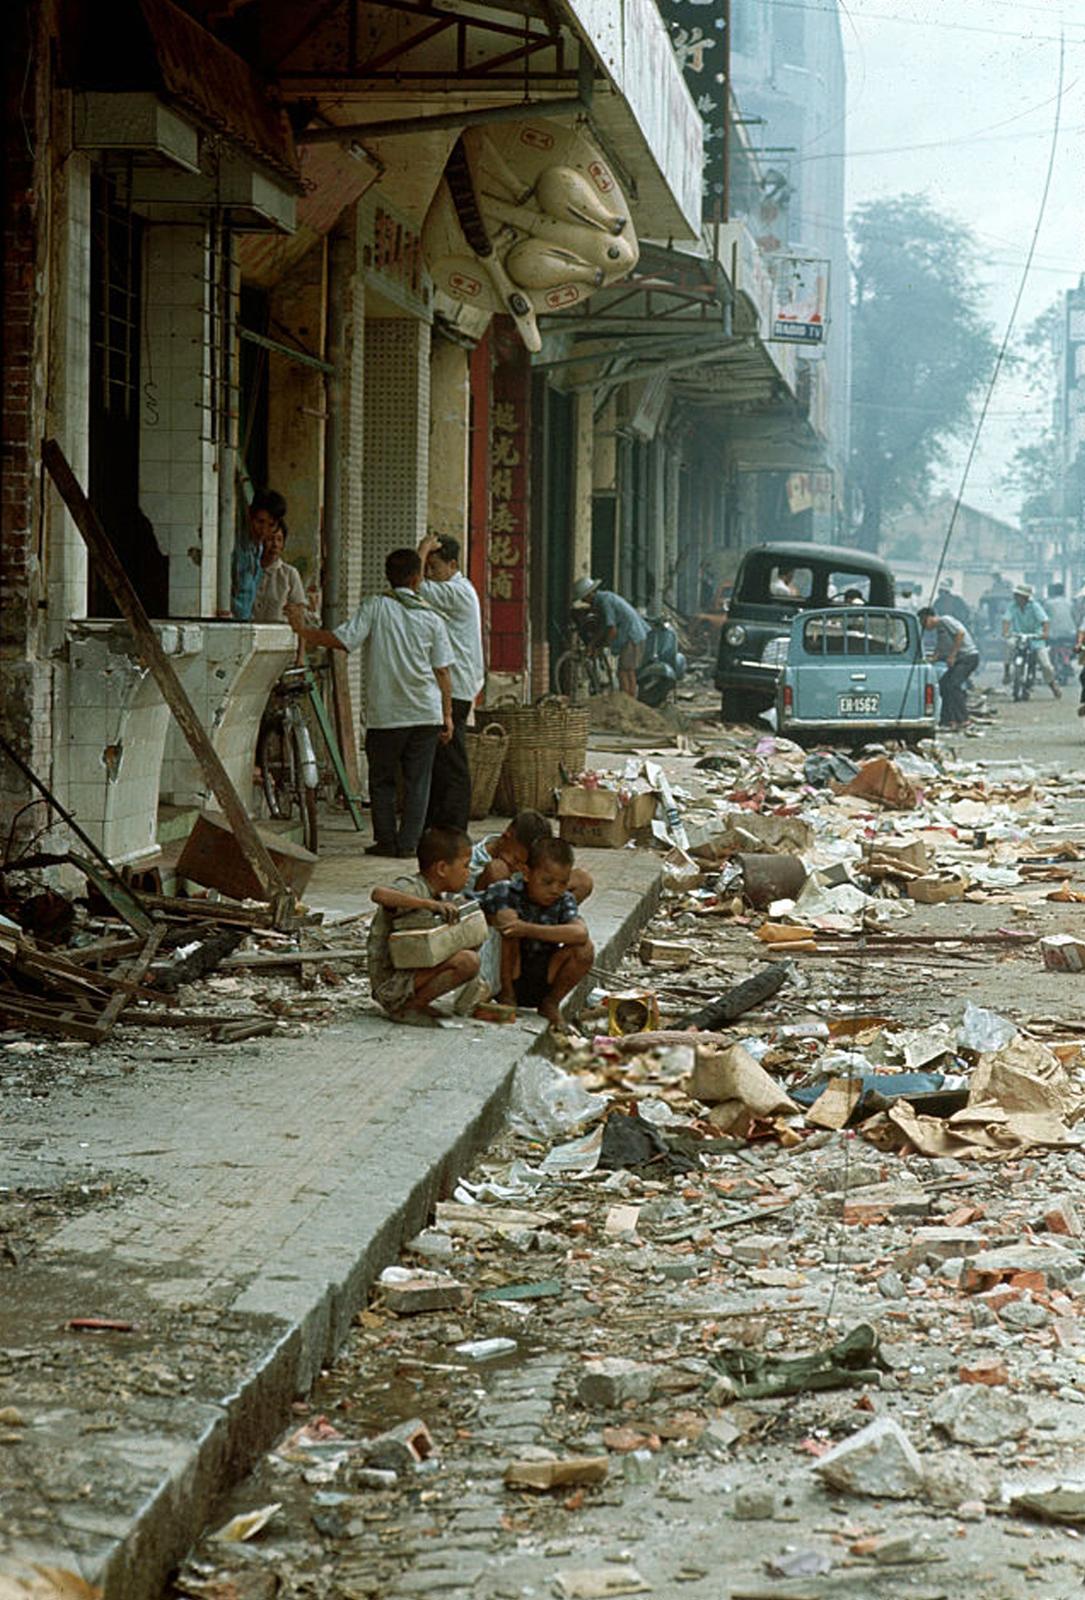 Район Тёлон после того, как большая часть боёв закончилась. Люди стоят под навесом здания, которое не было разрушено, а улица усыпана щебнем. 10 июня